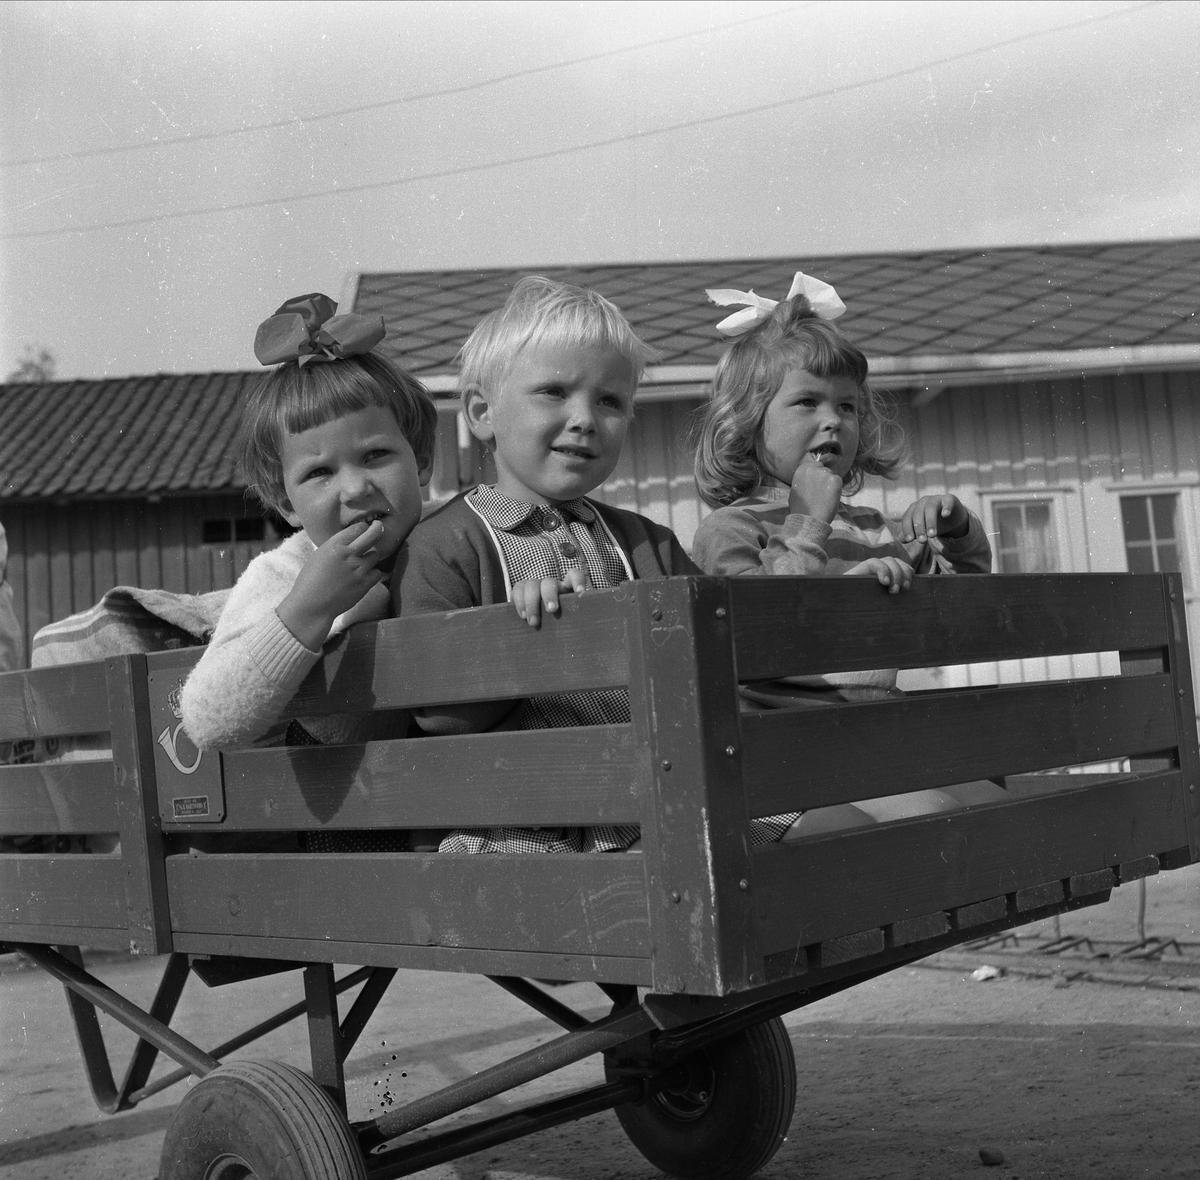 BARN I POSTTRALLE, RAGNHILD BRONKEN, INGUN STERUD, OG TOVE AAS. JENTER MED SLØYFE I HÅRET. SE HAMAR STIFTSTIDENDE 27-5-1959. SE BOKA PÅ ET HUNDNREDELS SEKUND, LØTEN OG OMEGN 1957-1964 I ORD OG BILDERAV HELGE REISTAD S. 236.